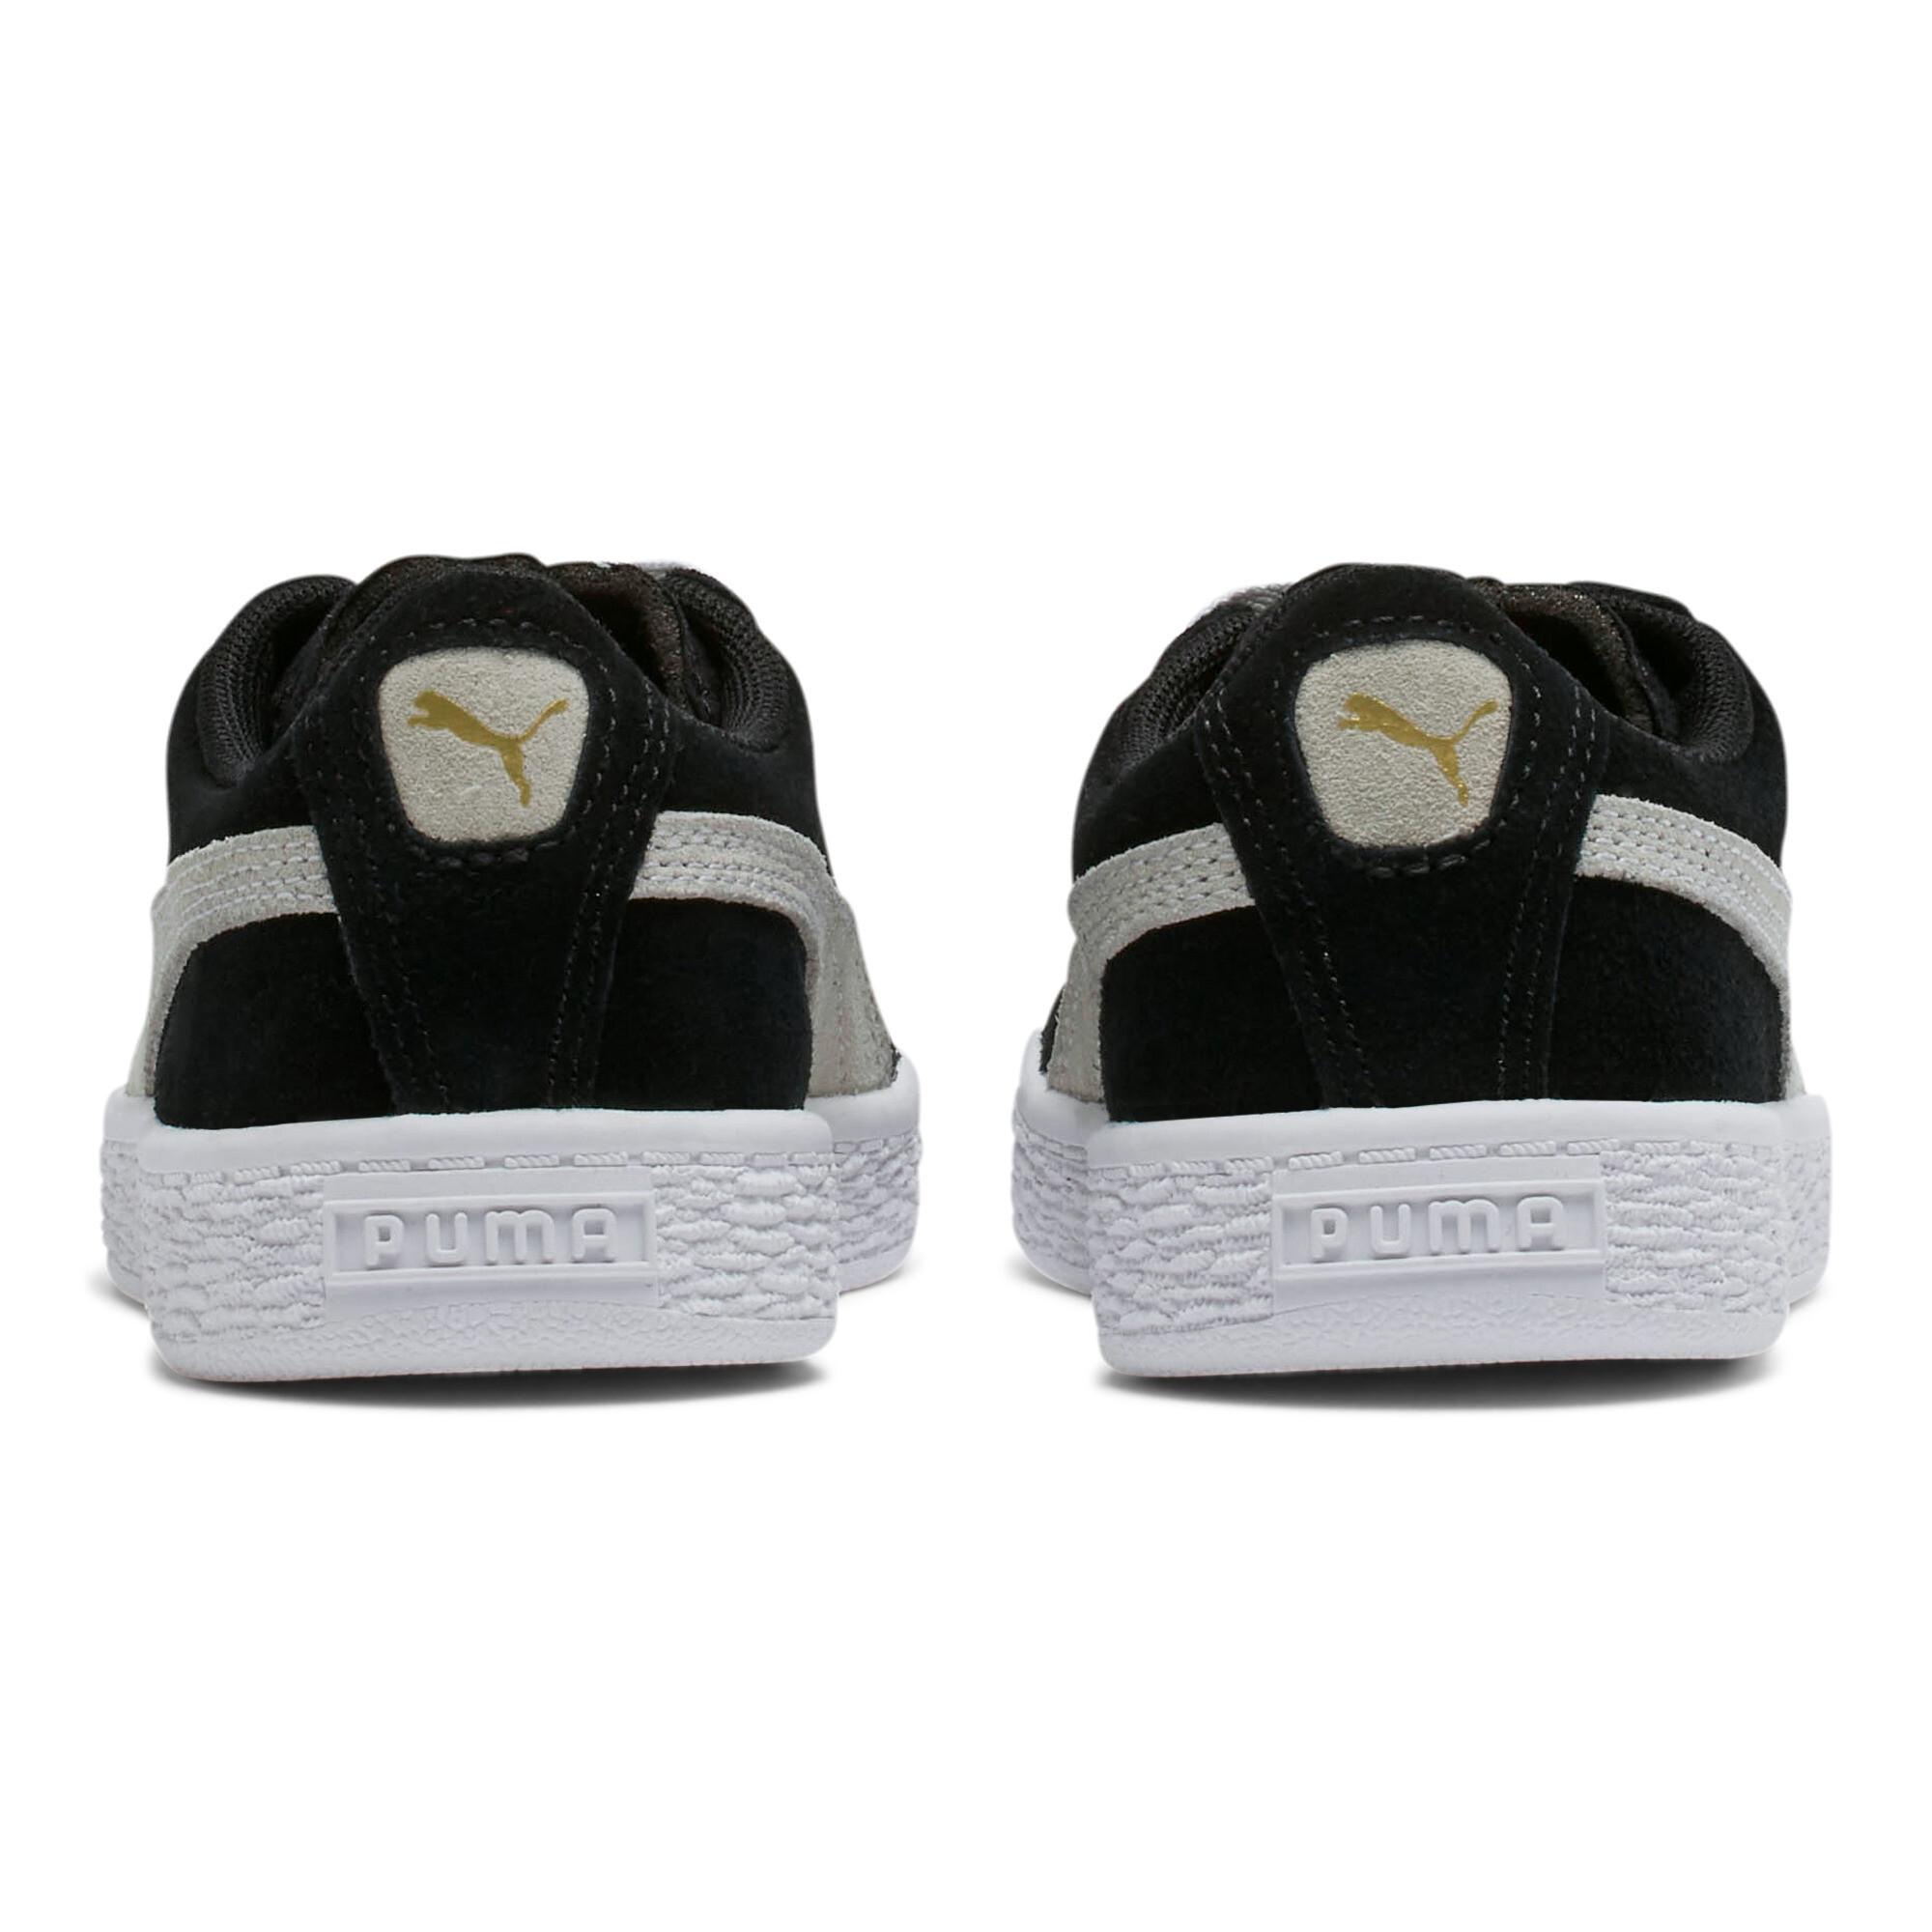 PUMA-Suede-Little-Kids-039-Shoes-Kids-Shoe-Kids thumbnail 15